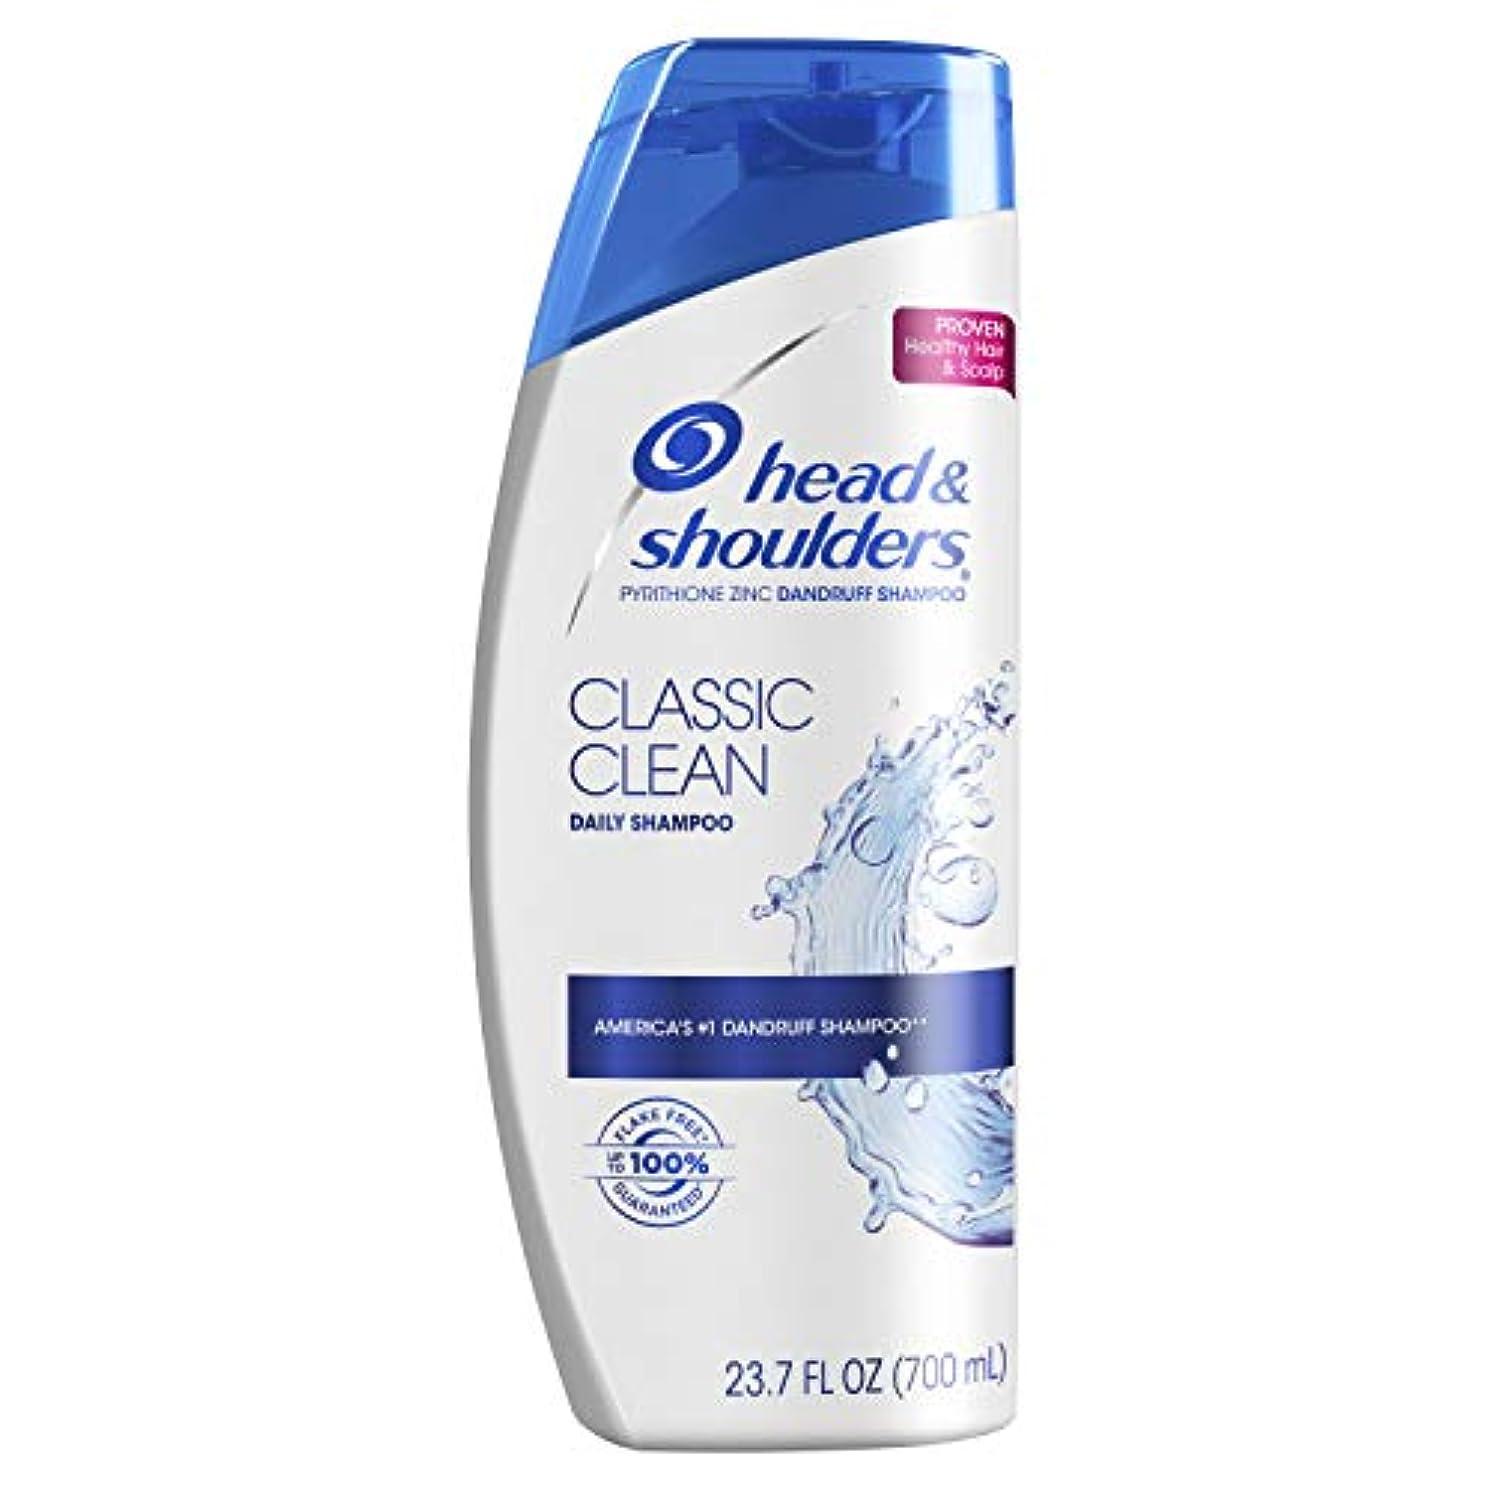 海洋エレガント本体Head & Shoulders Classic Clean Dandruff Shampoo, 23.7 Oz by Head & Shoulders